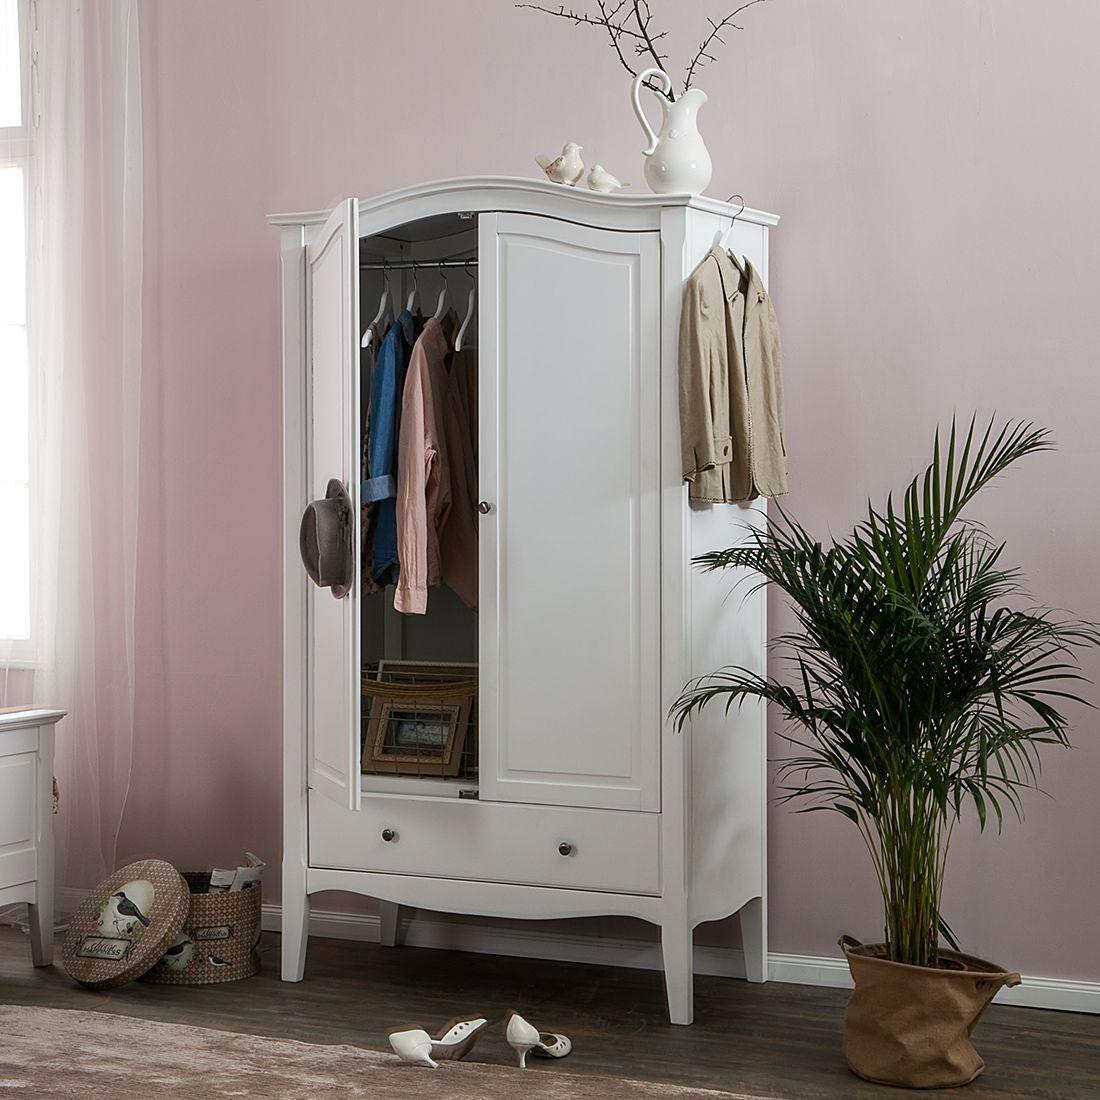 Kleiderschrank Giselle - Weiß   Möbel   Pinterest ...